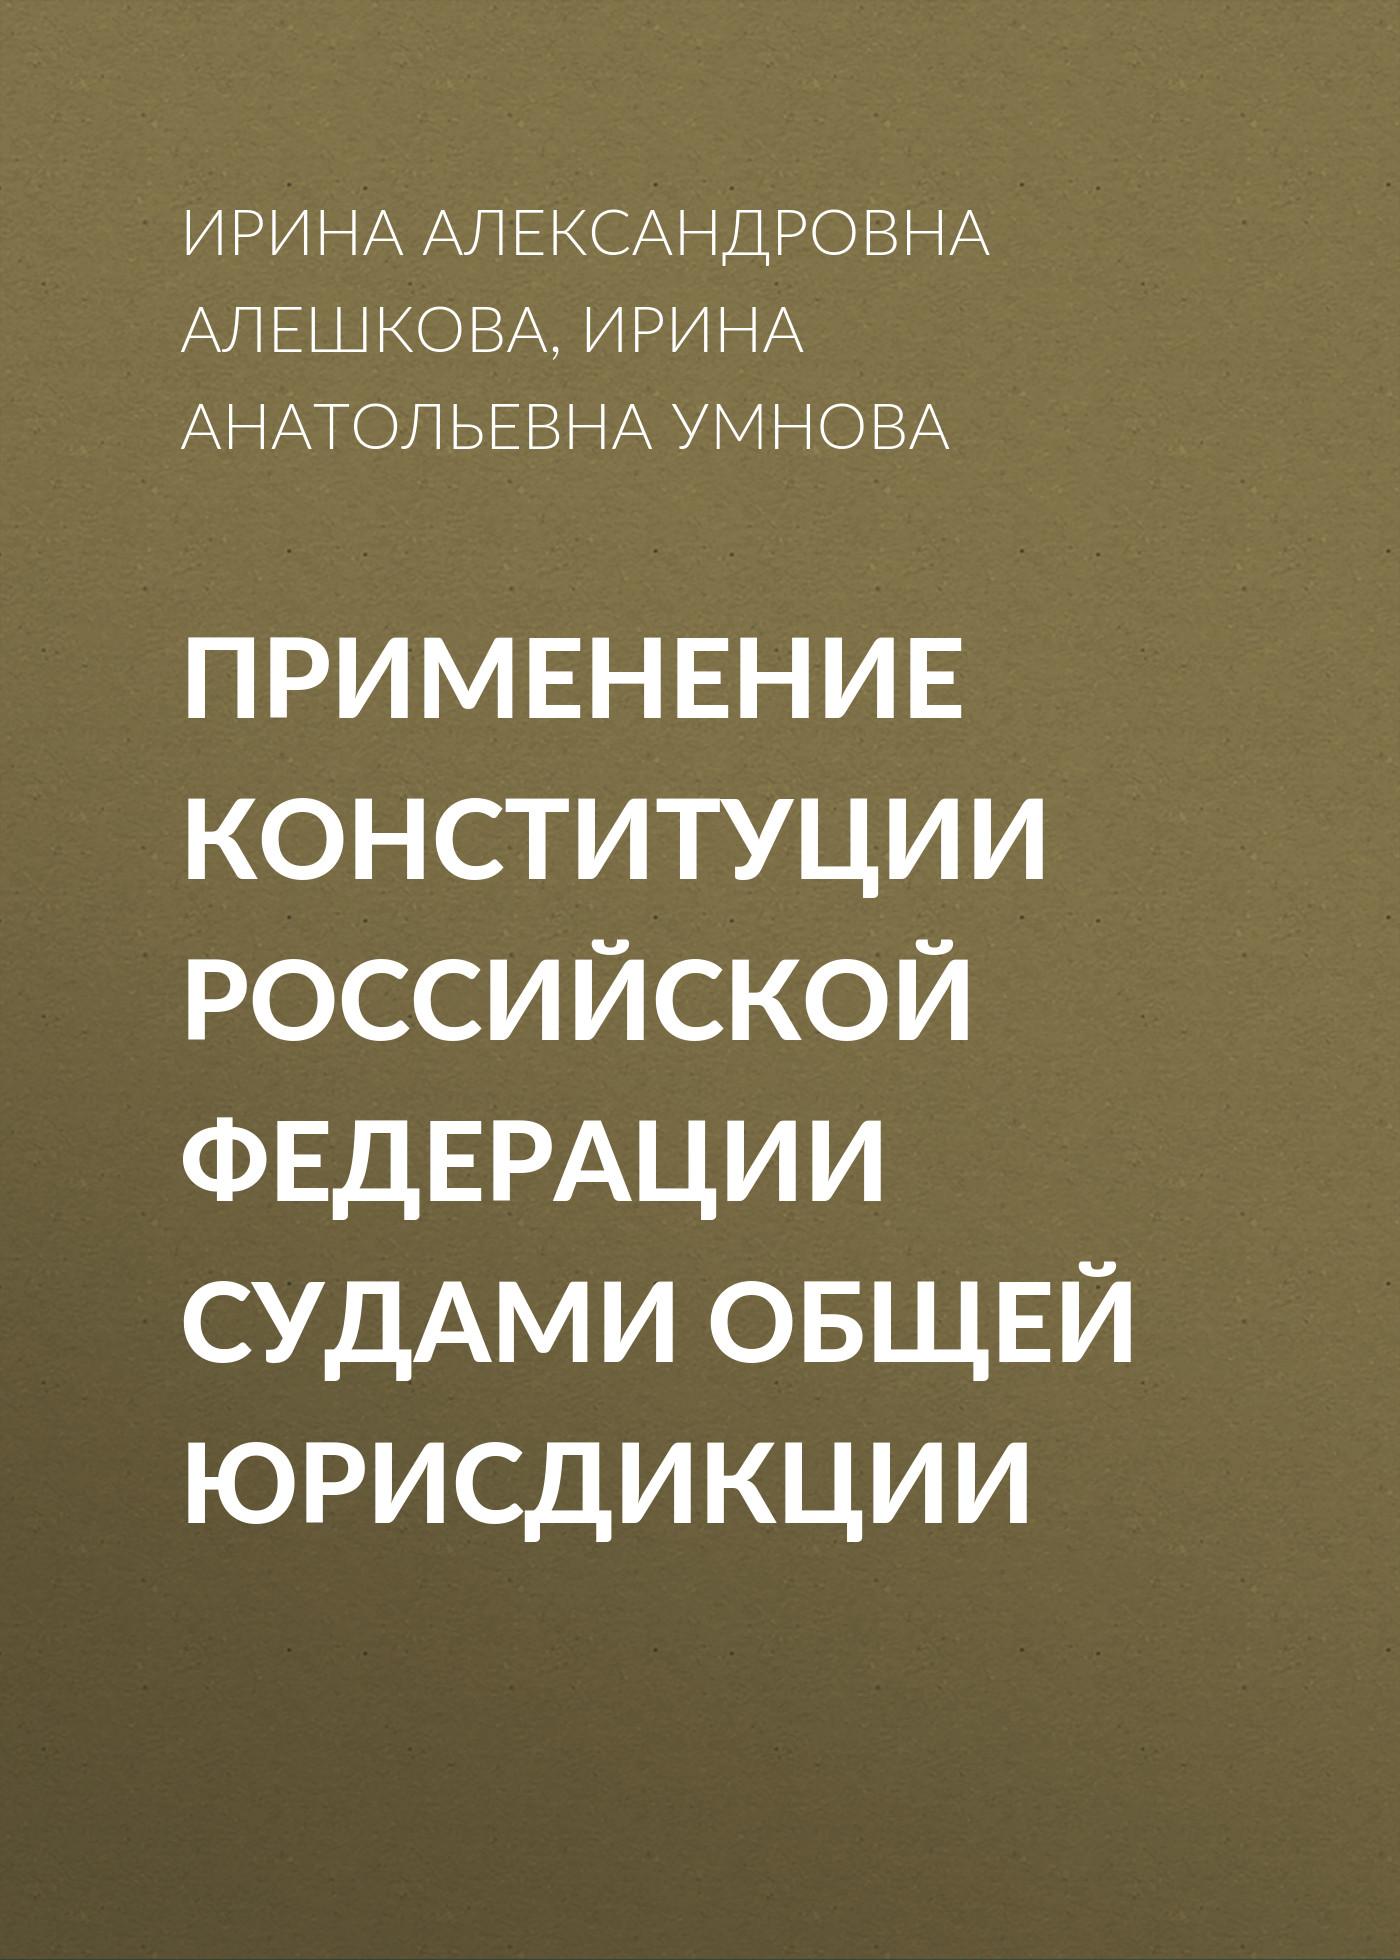 все цены на И. А. Алешкова Применение Конституции Российской Федерации судами общей юрисдикции онлайн